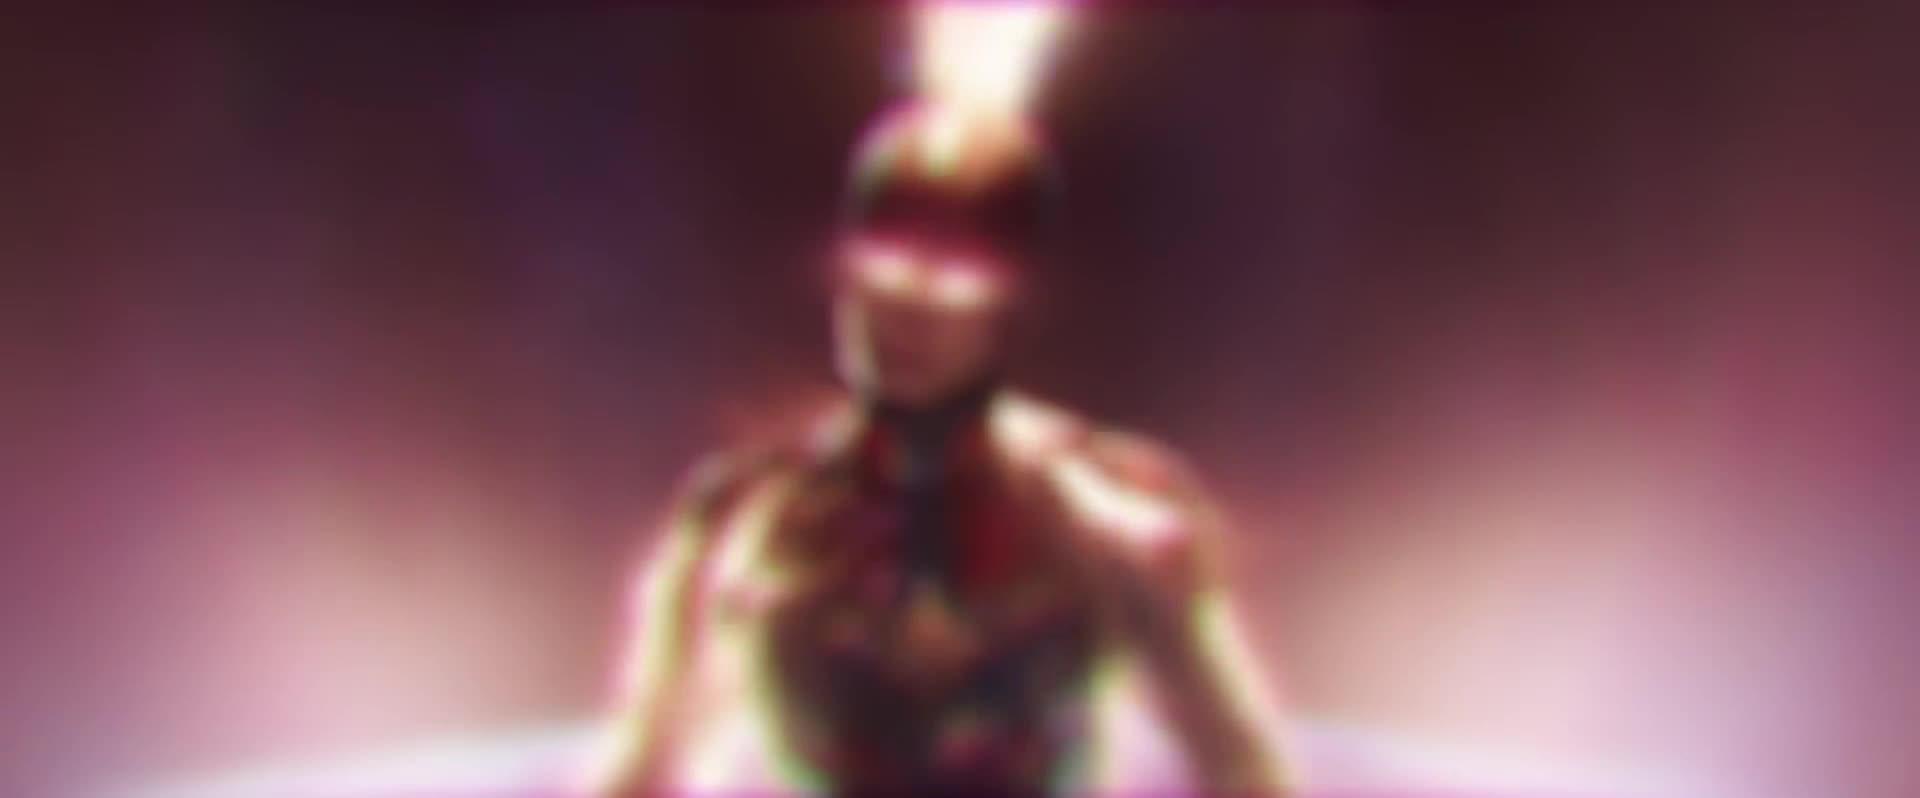 avengers endgame, brie larson, captain marvel, Brie Larson Captain Marvel GIFs